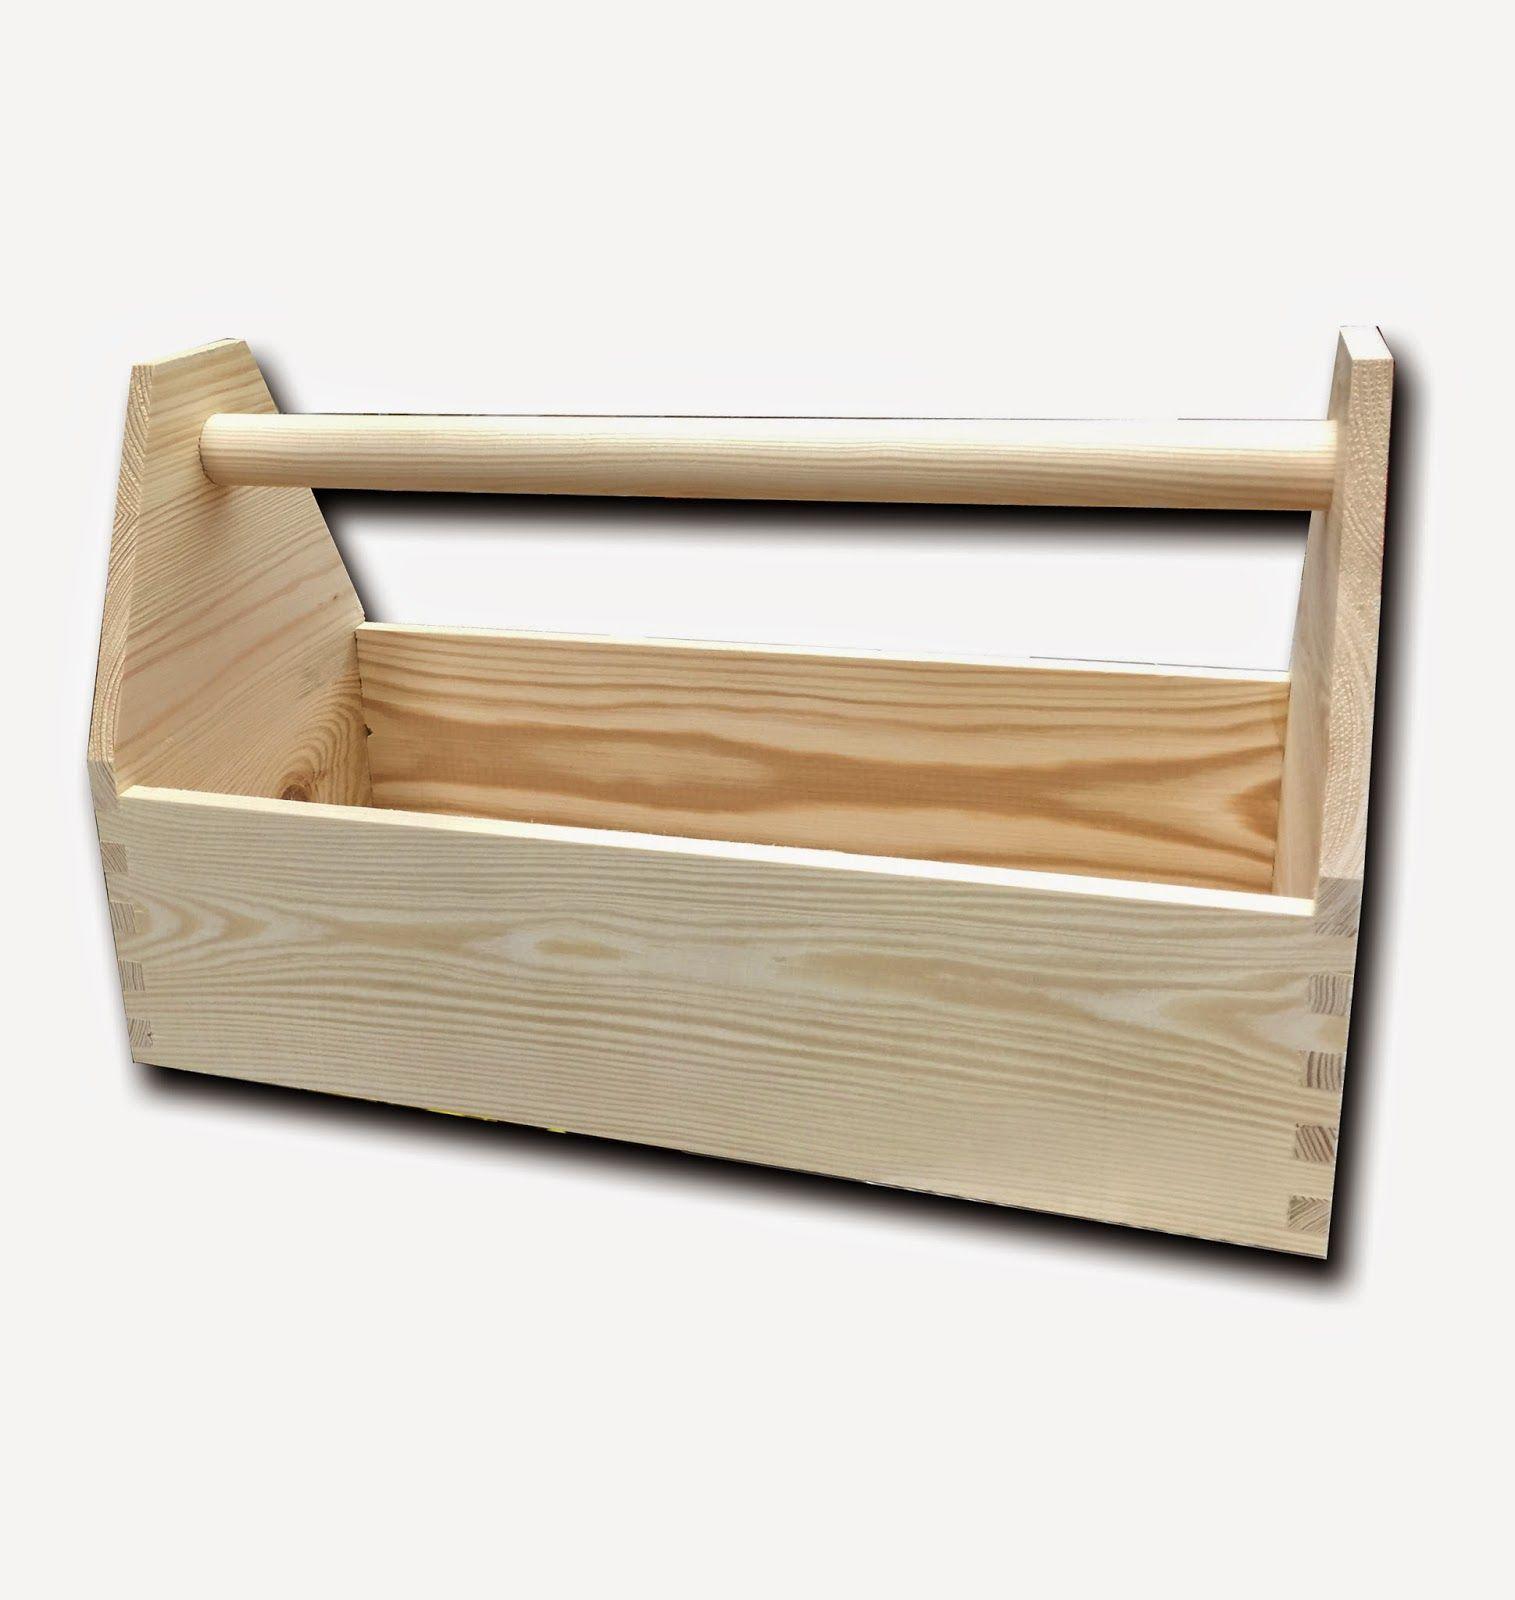 n hblog 39 sauber eingef delt 39 kleine stoff werkzeugkiste als utensilo schnittmuster. Black Bedroom Furniture Sets. Home Design Ideas